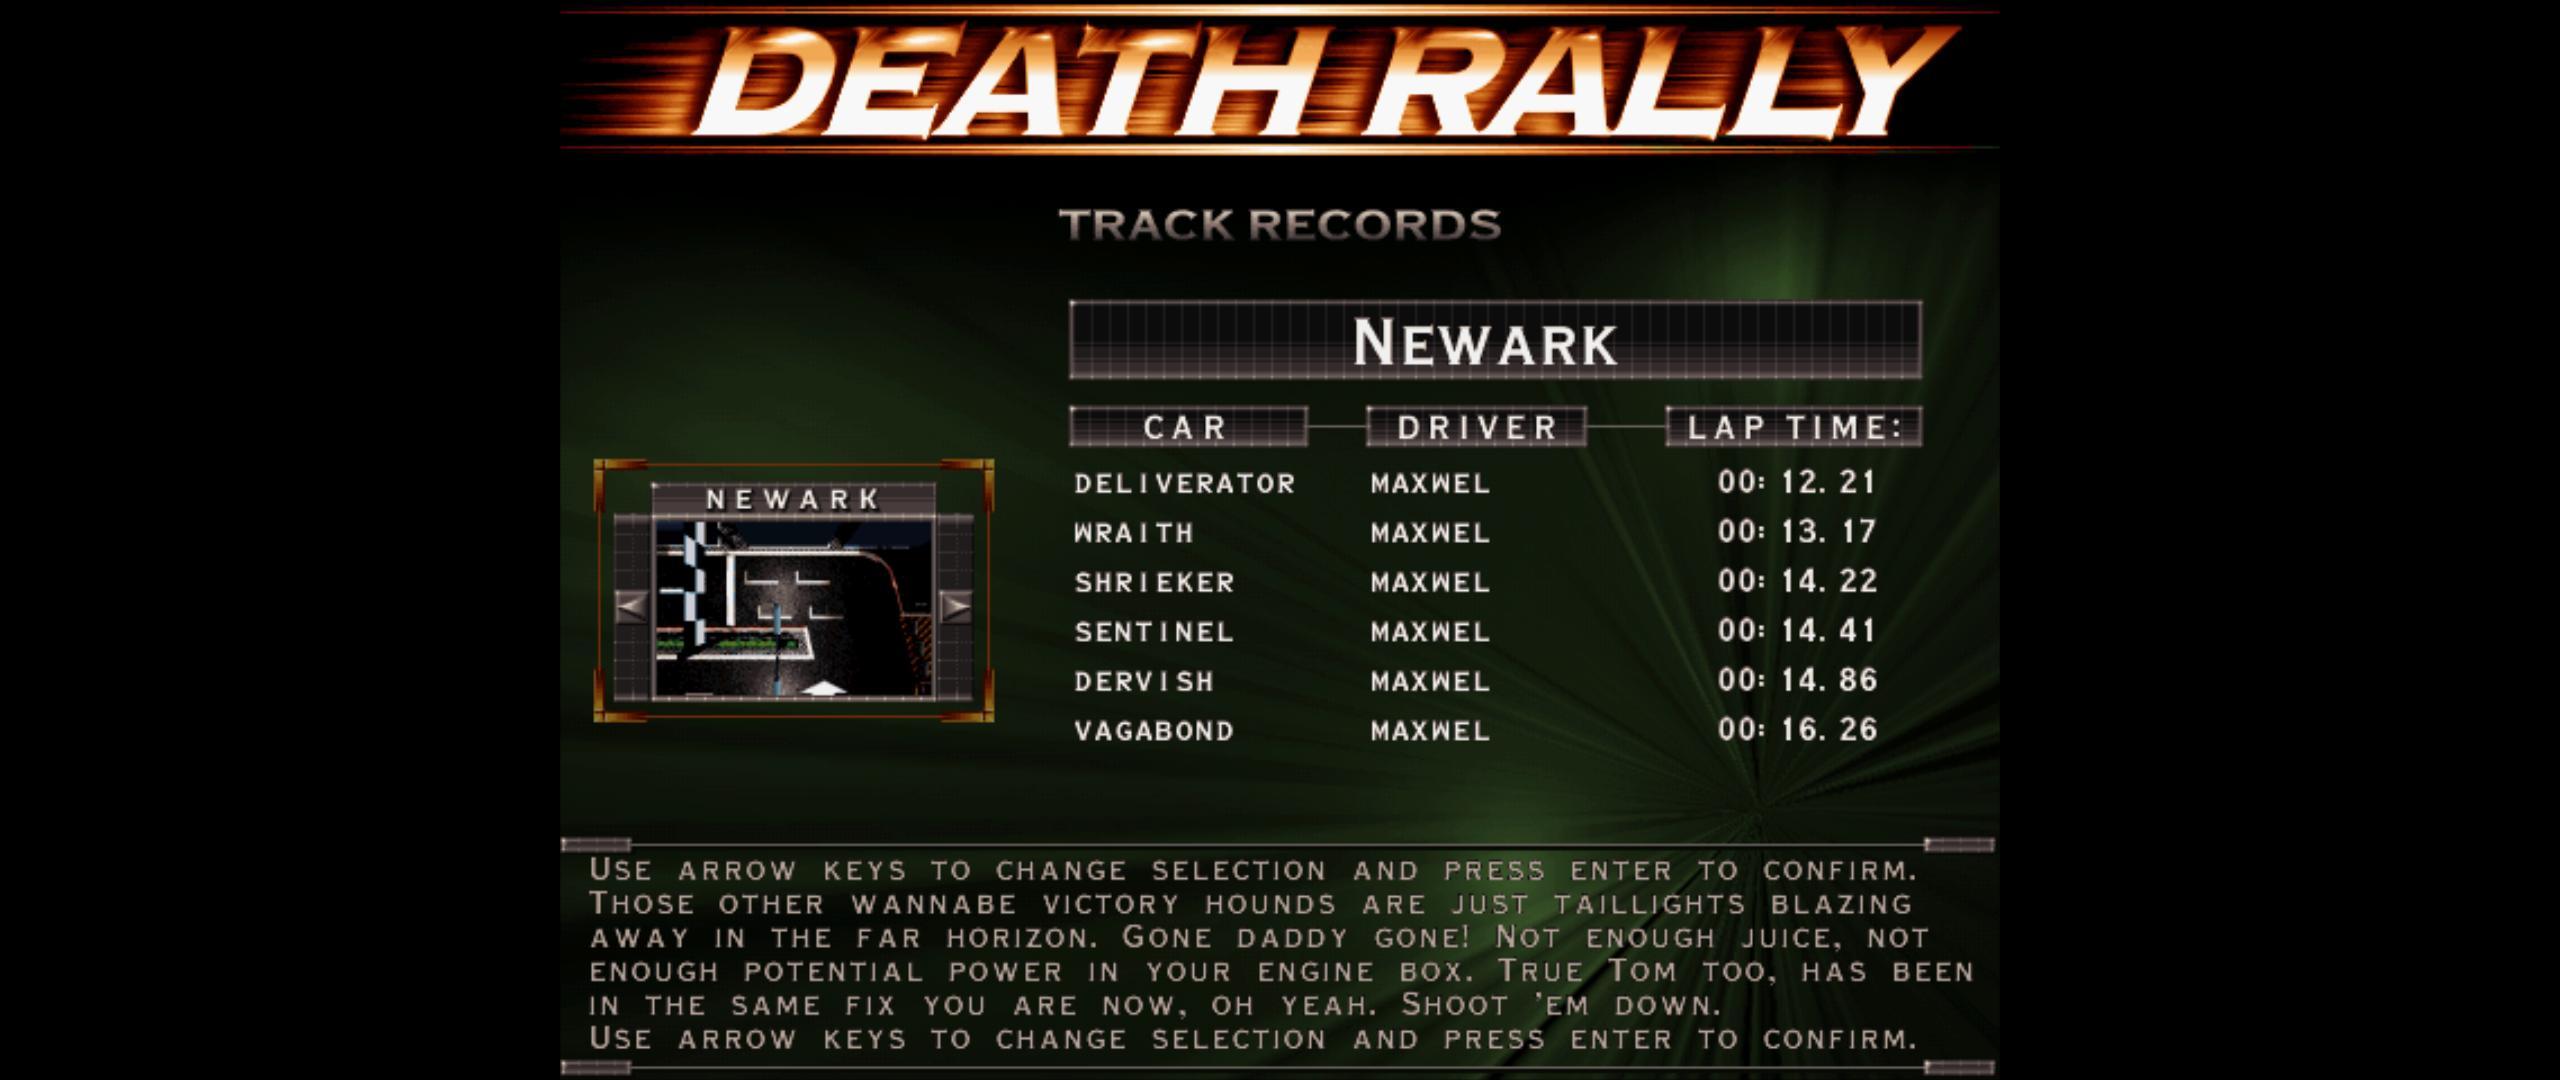 Maxwel: Death Rally [New Ark, Shrieker Car] (PC) 0:00:14.22 points on 2016-03-04 08:03:34